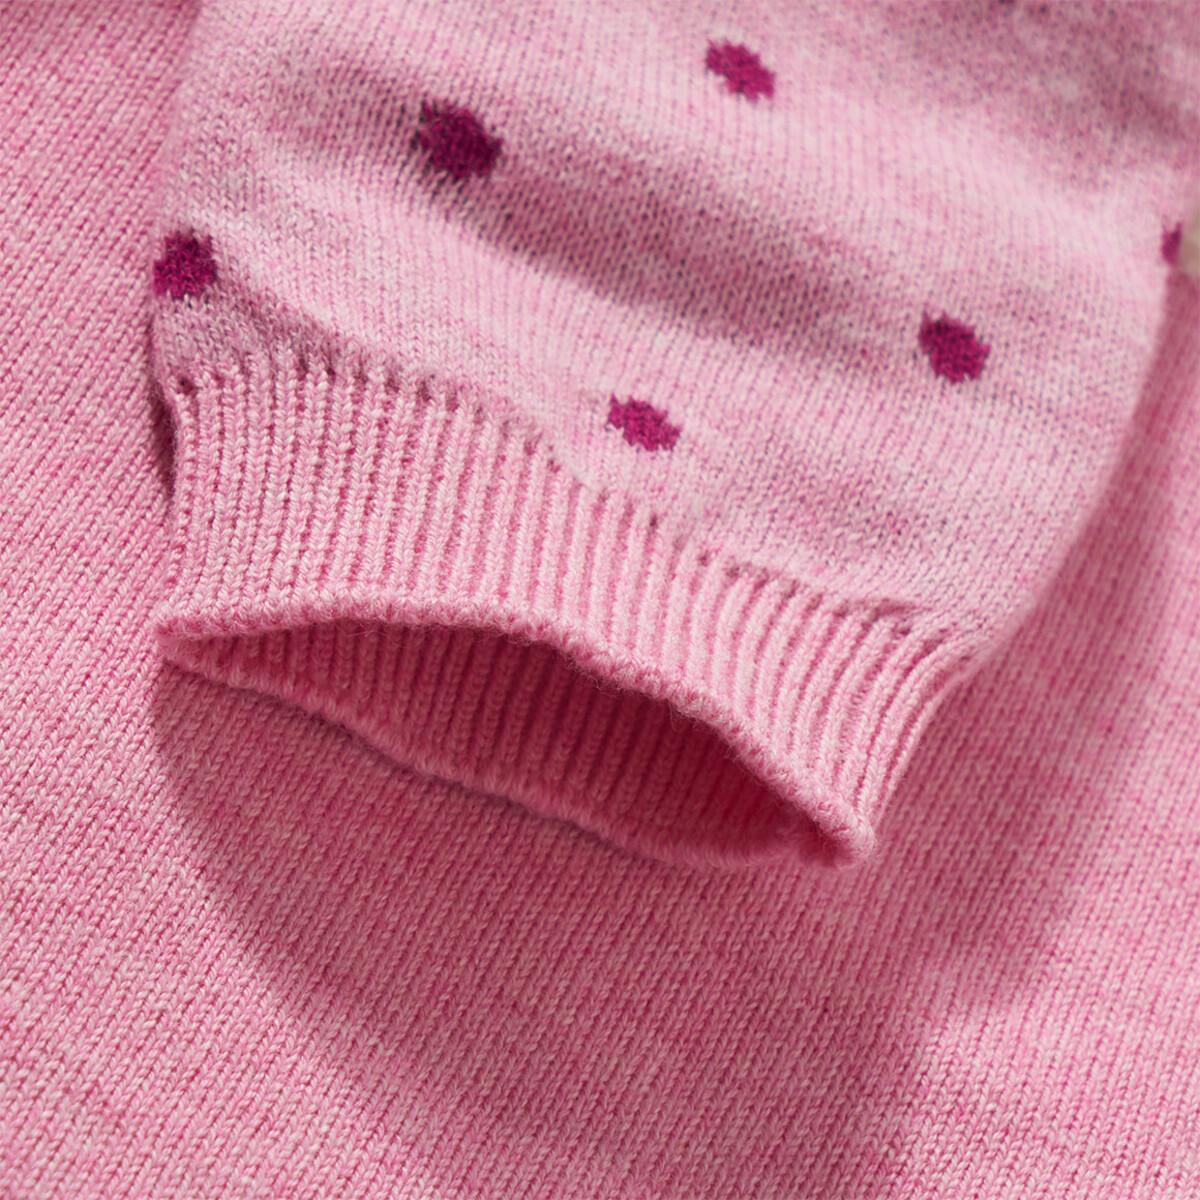 Bild 5 von Baby Strickkleid mit Eulen-Motiv